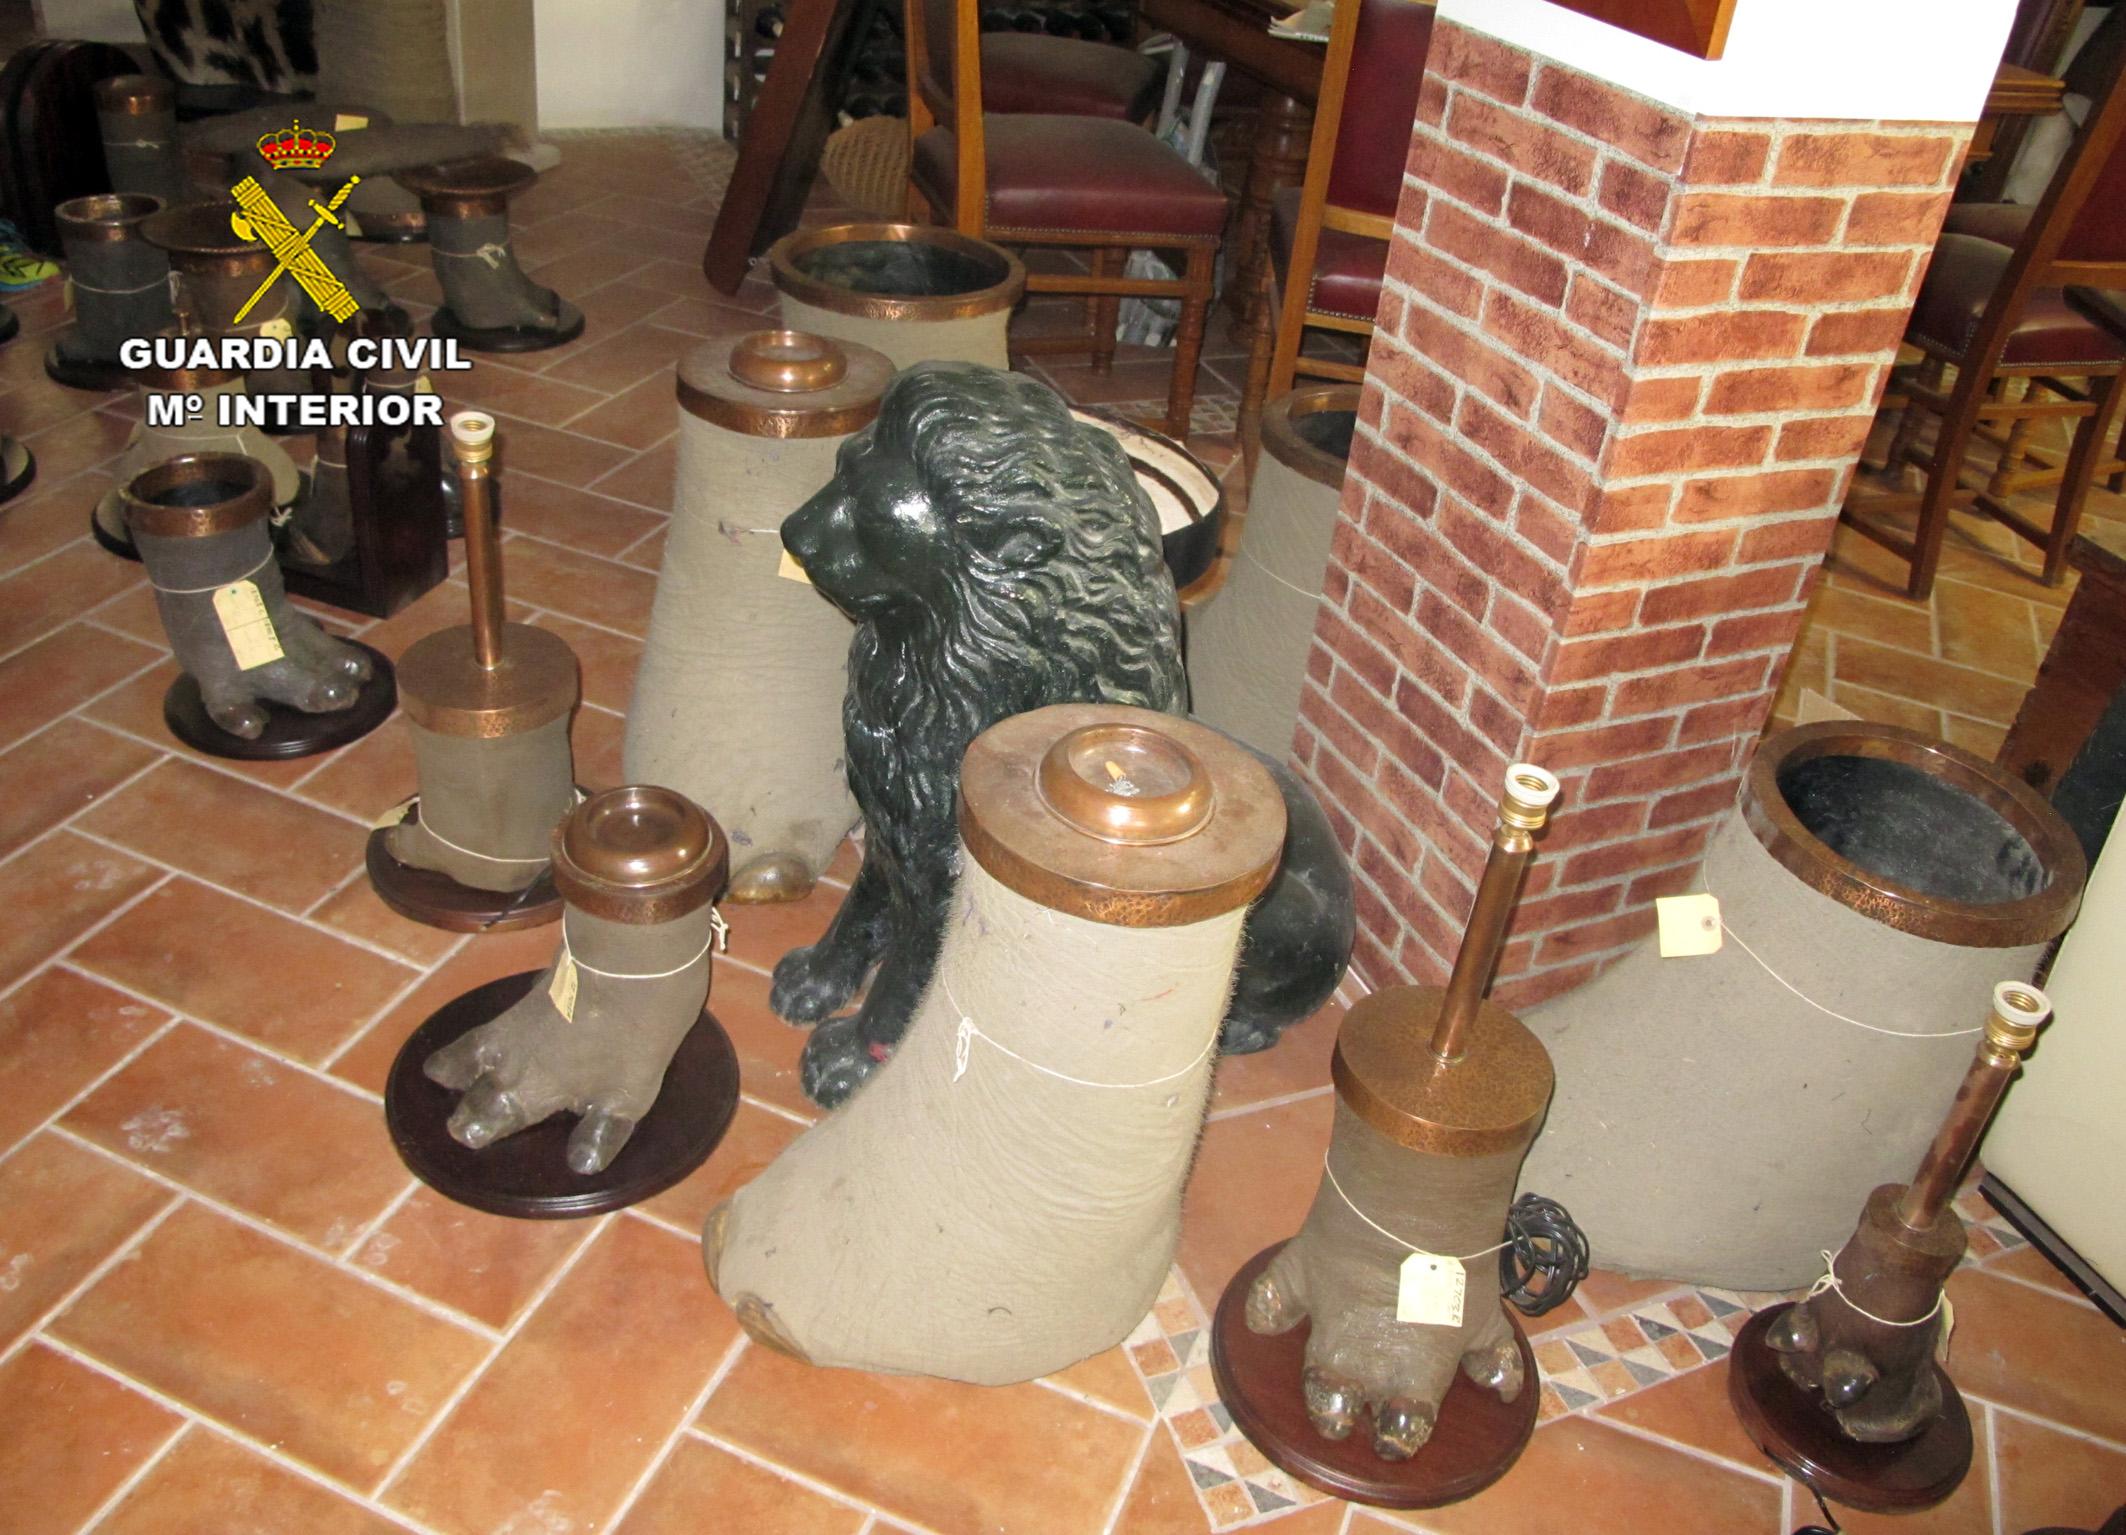 Miembros de animales para hacer de ceniceros y otros usos. Imagen: Seprona